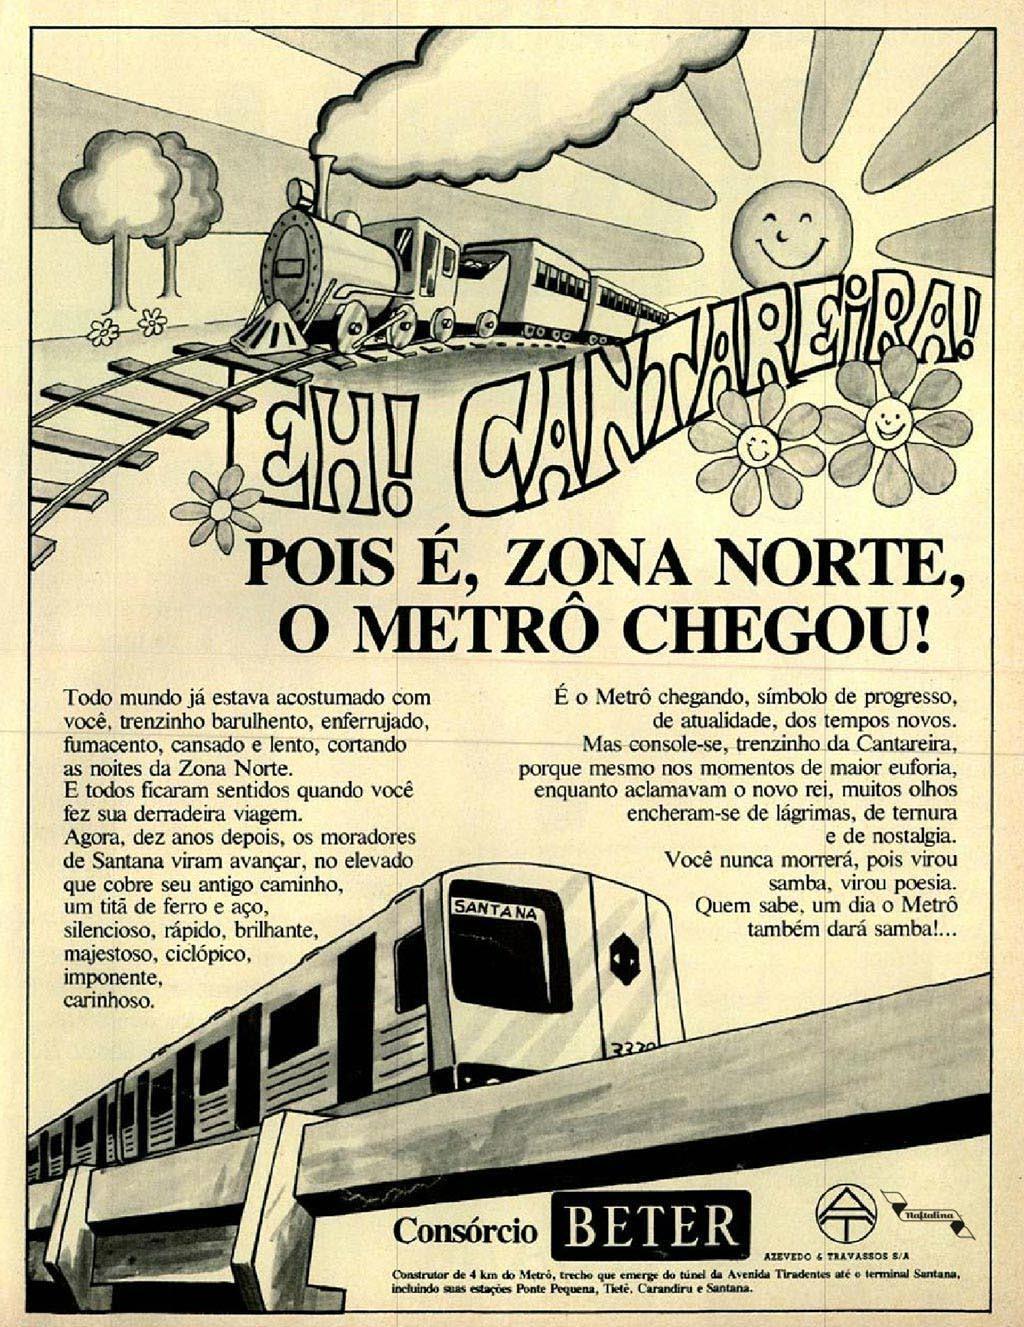 Campanha que promovia a chegada do metrô na Zona Norte de São Paulo nos anos 70